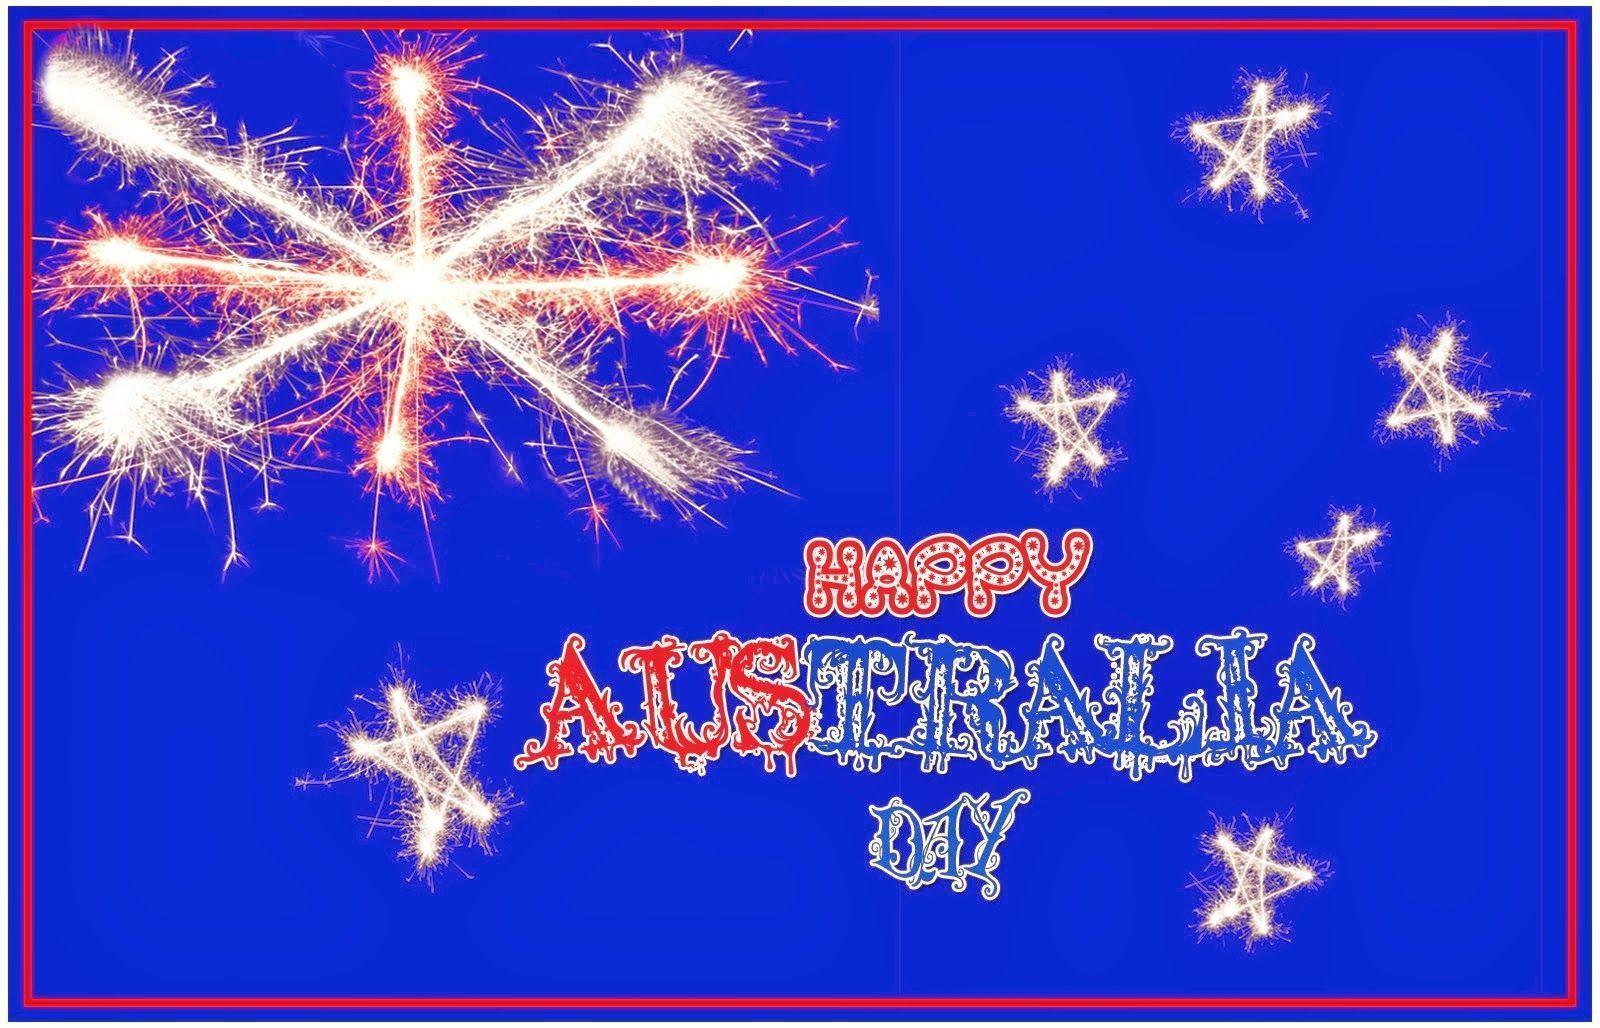 Australia Day Photos